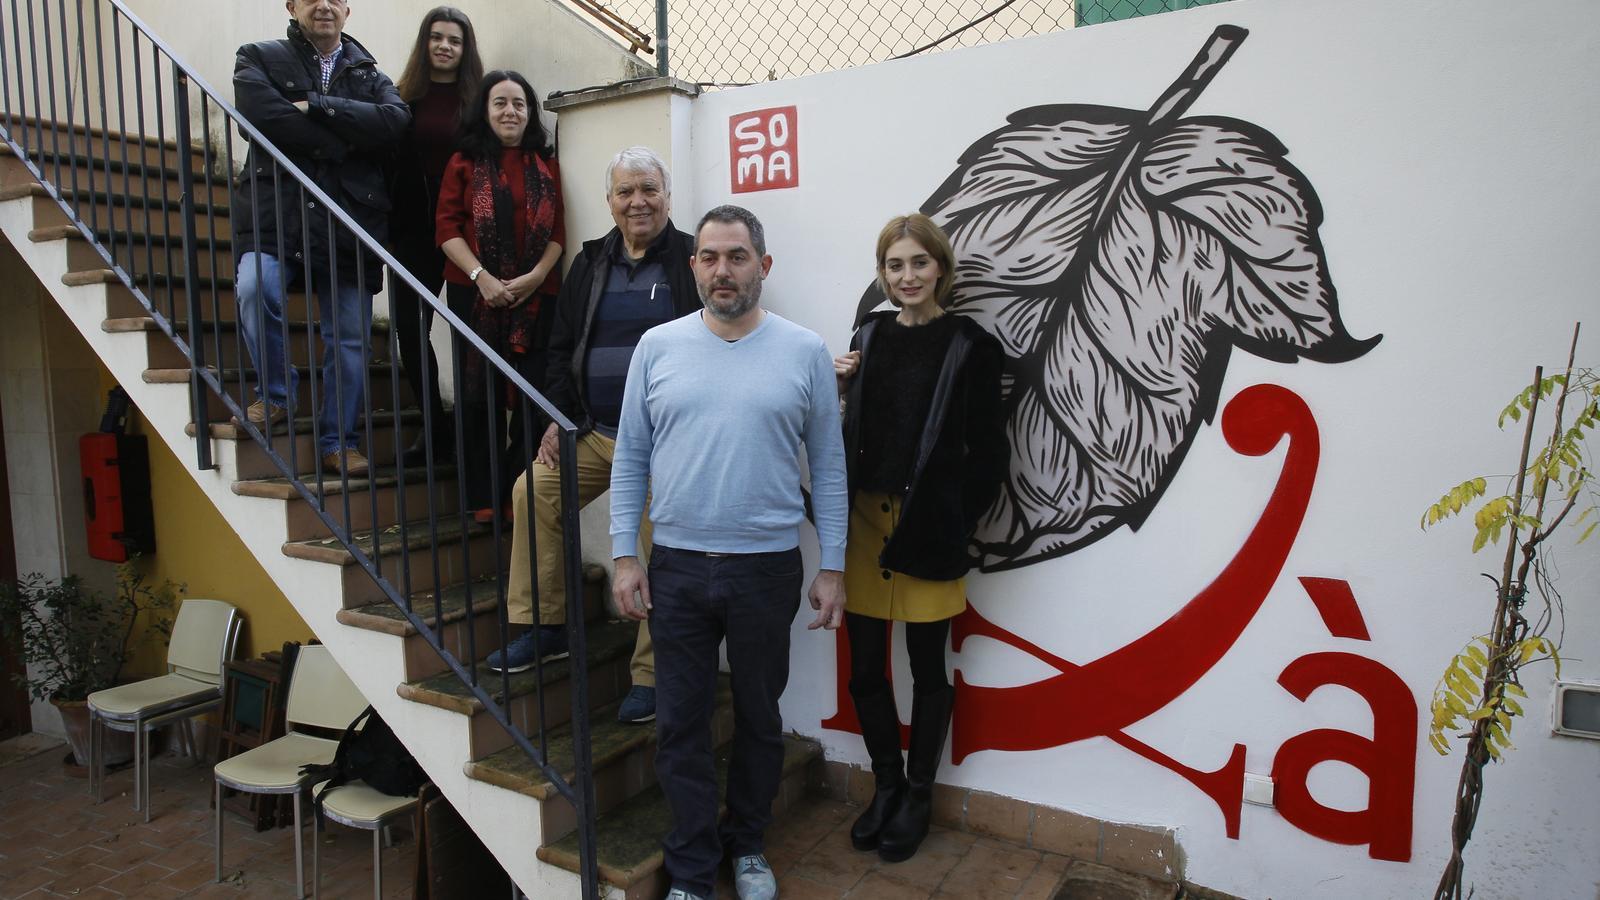 De dalt a baix: Antoni bibiloni, una representant de Club Scrabble Eivissa, Alícia Sintes, Jordi Cloquell, Josep de Luis i Laura Gost